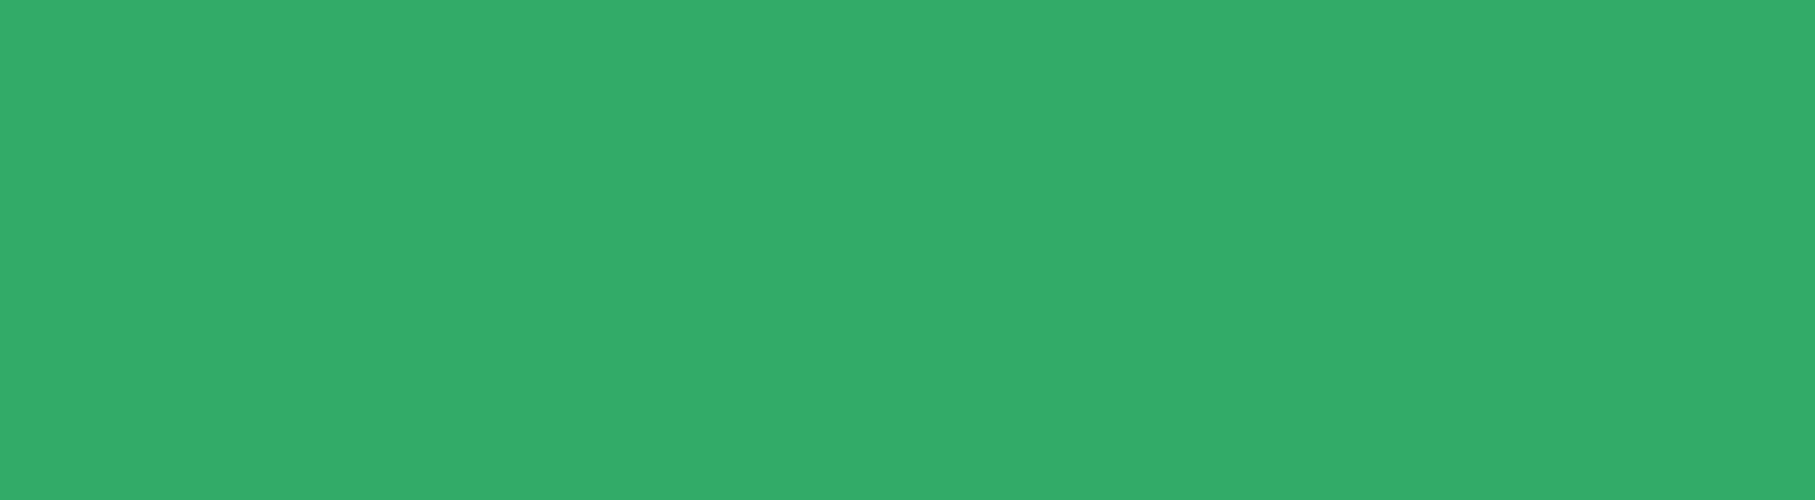 green-cadr